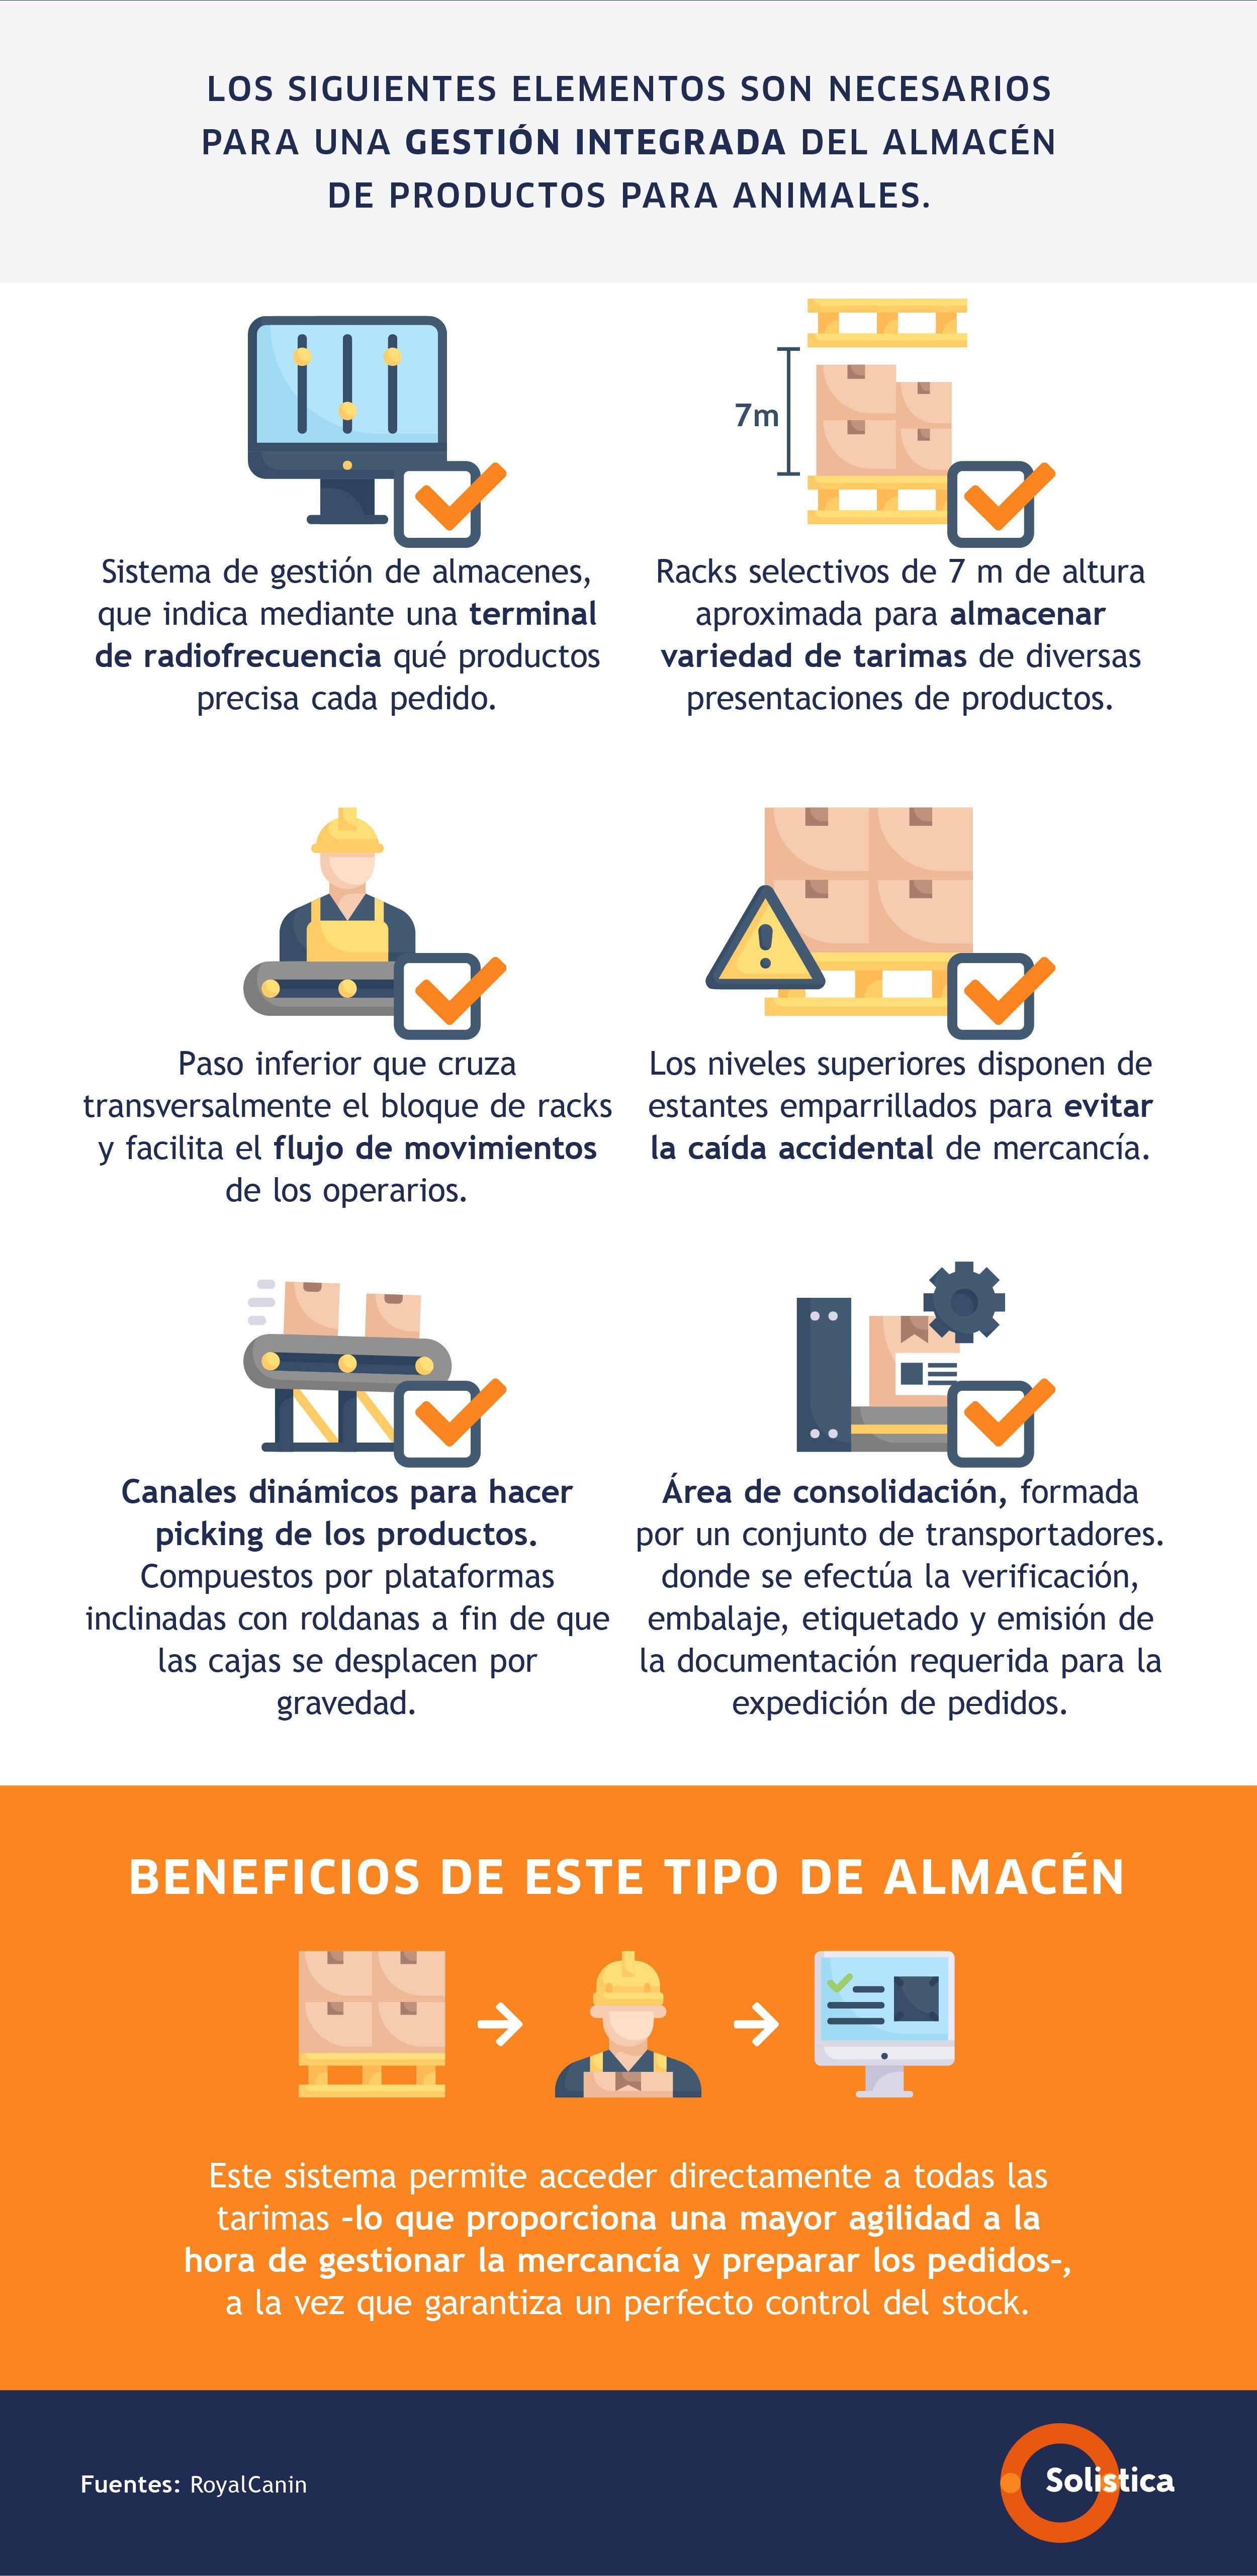 Infografía Características de un almacén de productos alimentarios para animales (1)